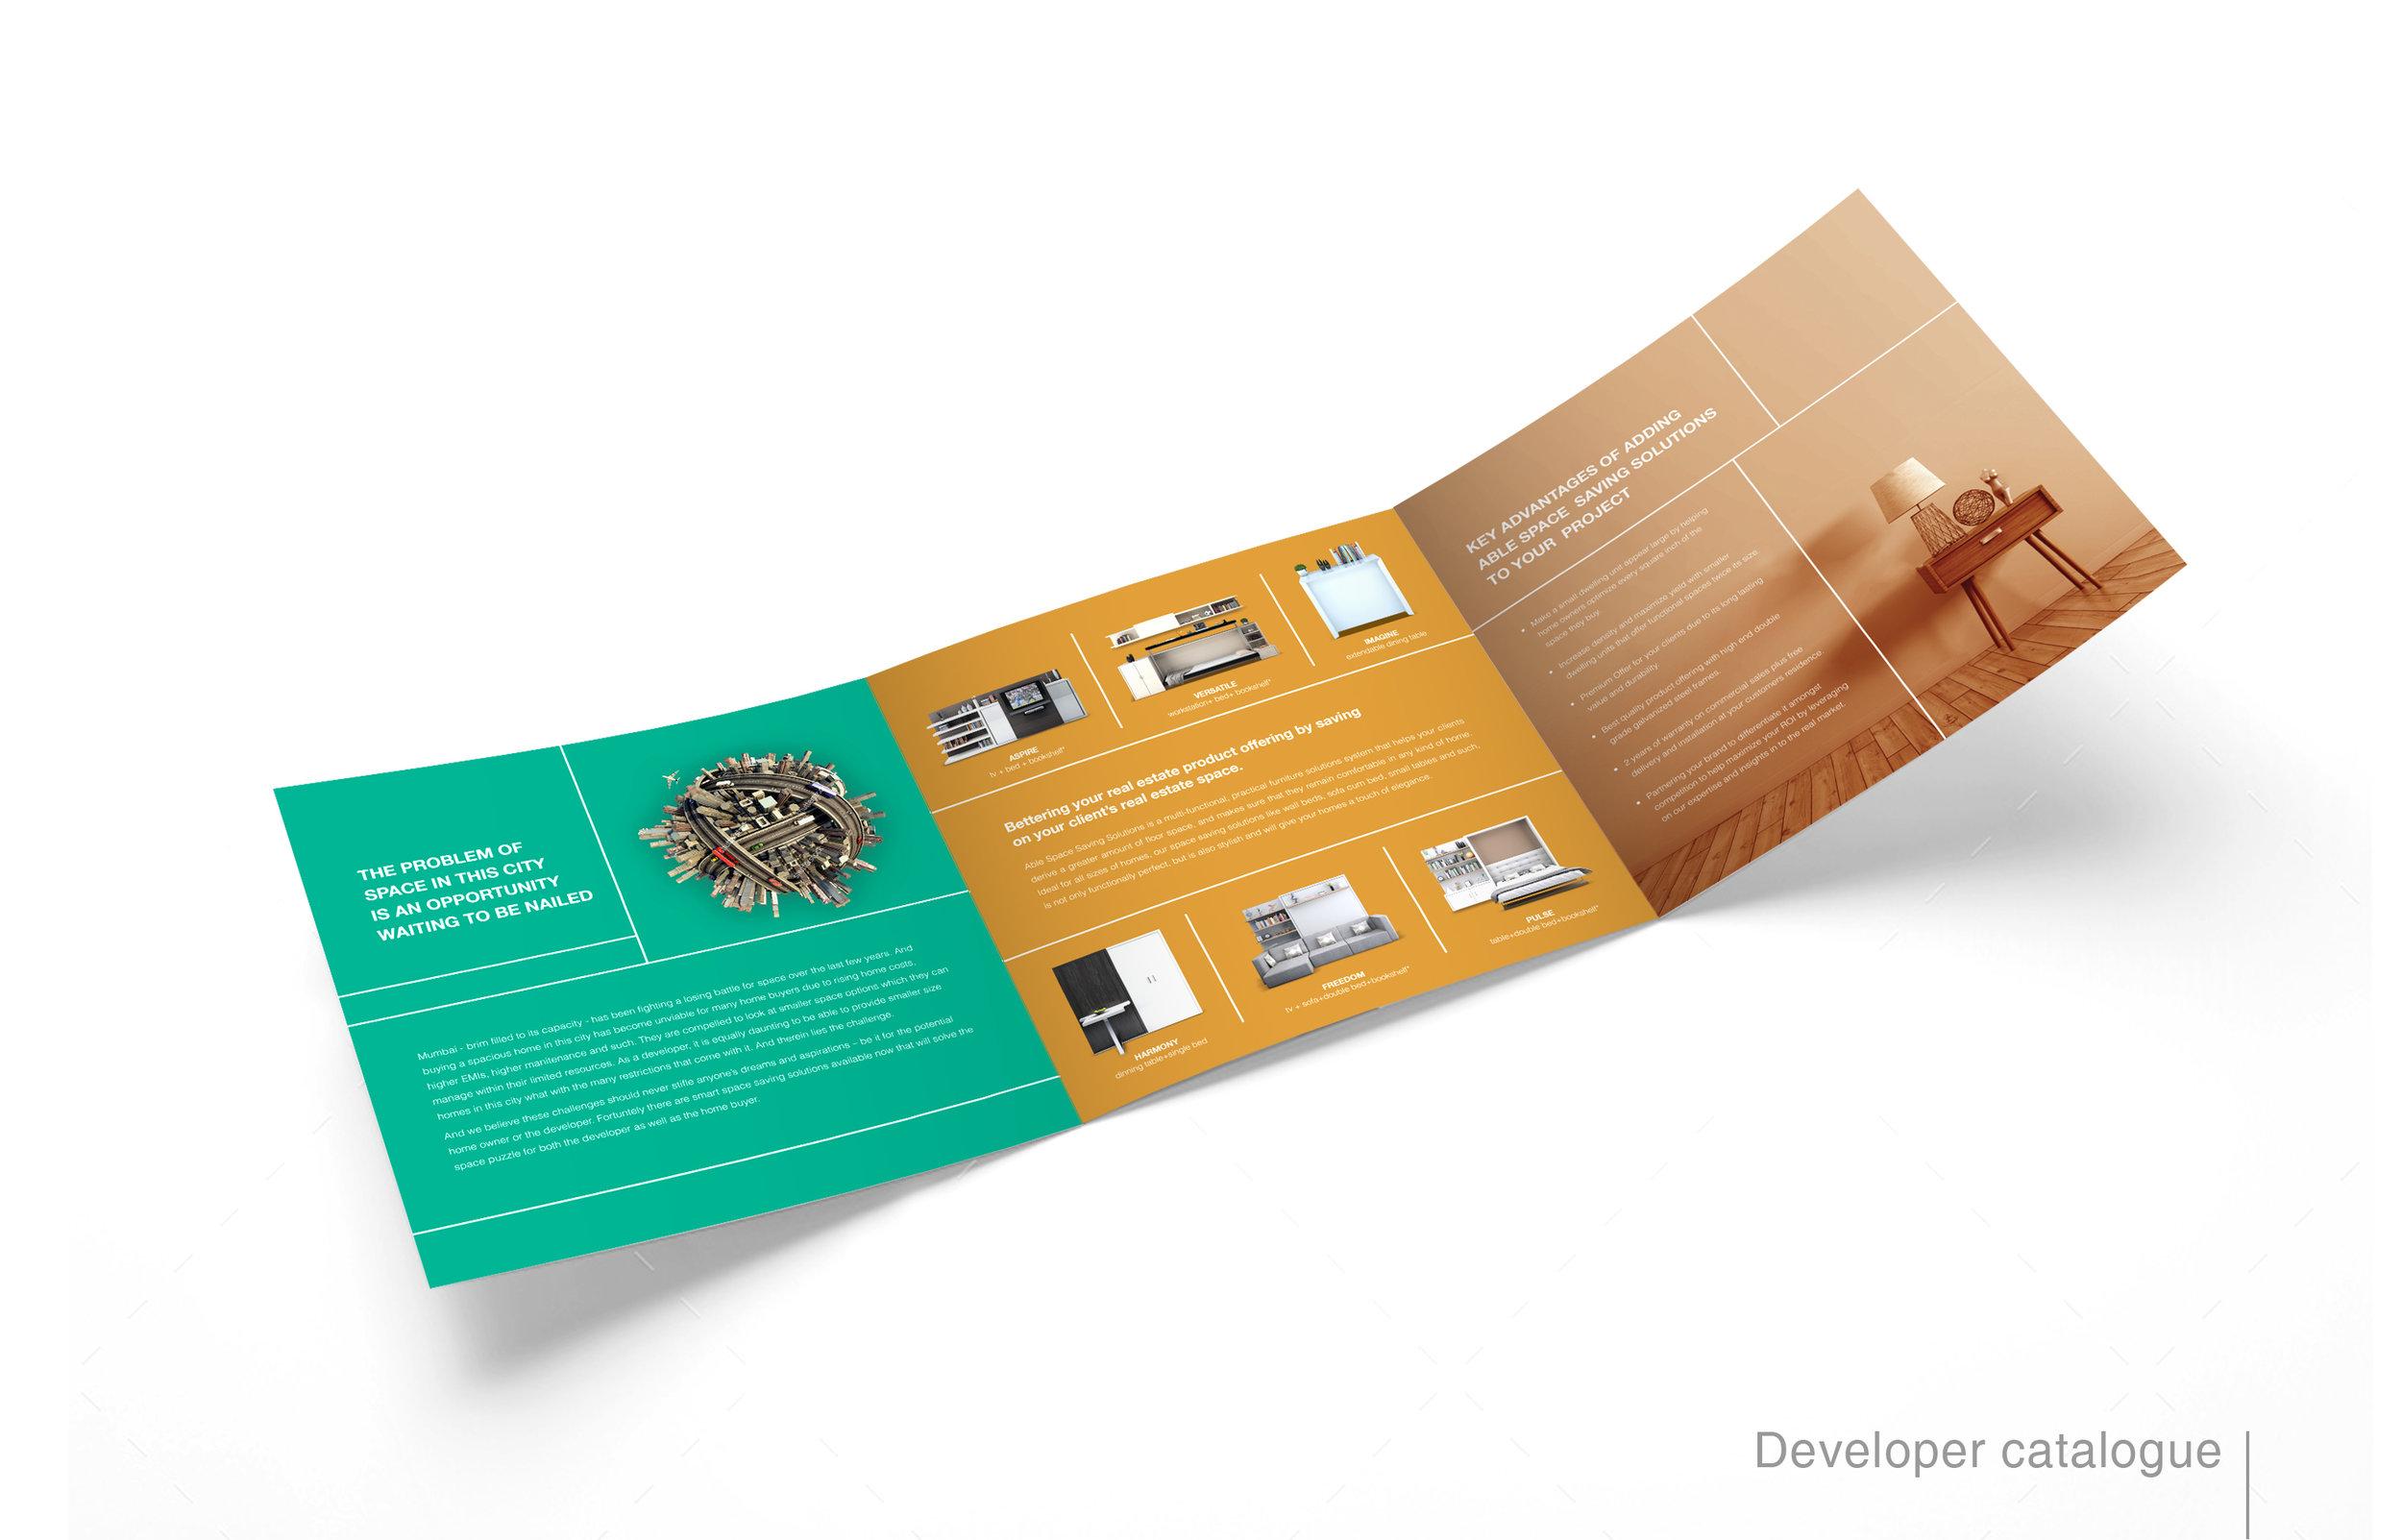 Developer catalogue 01.jpg